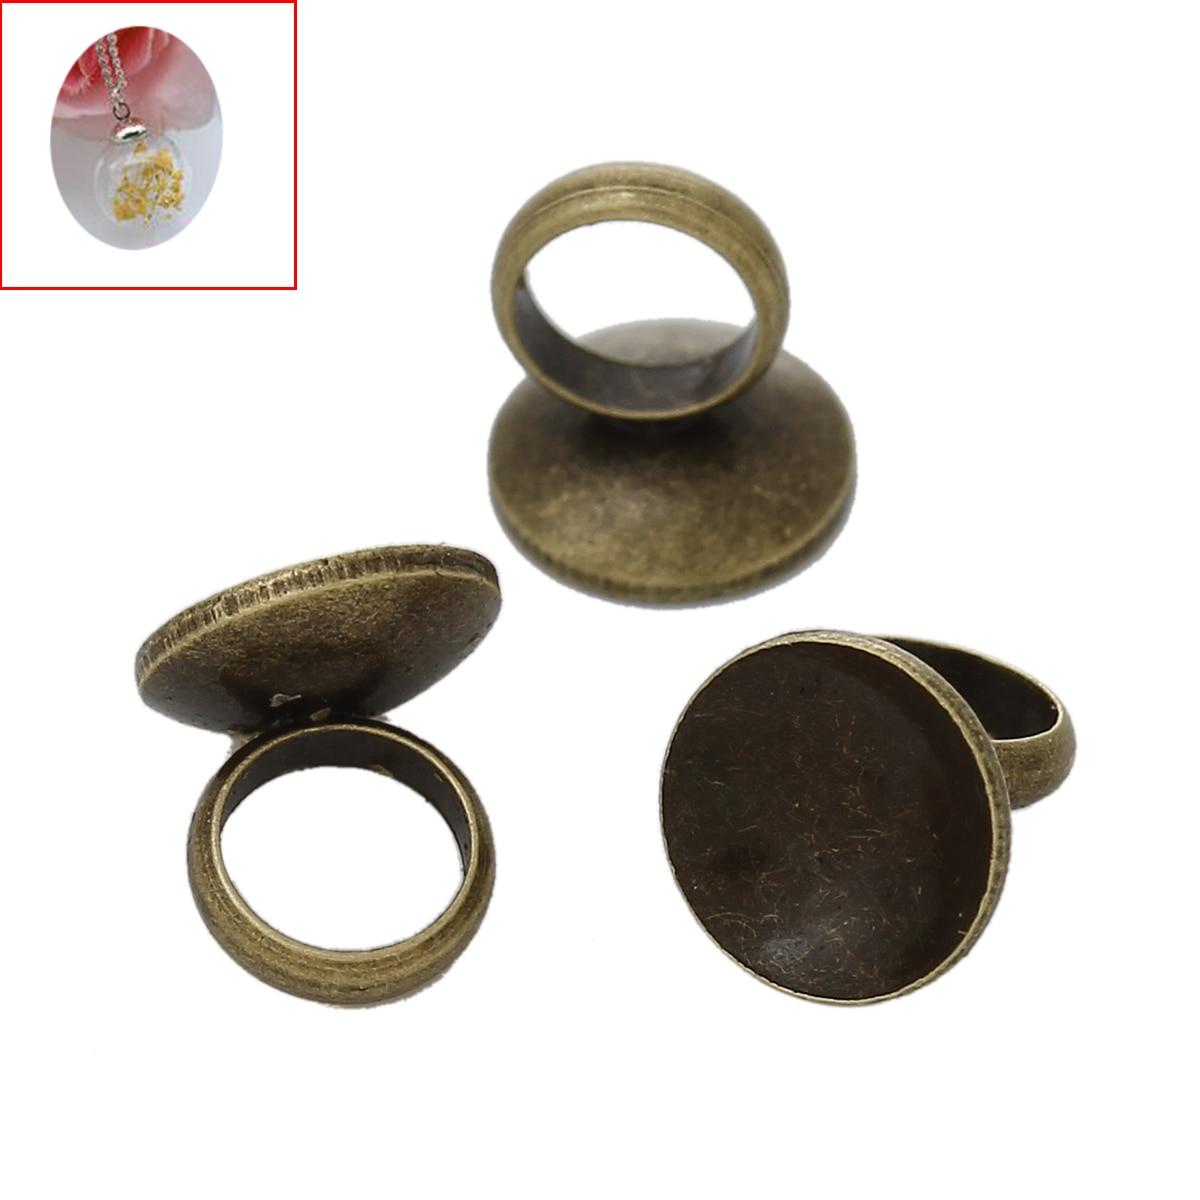 8 estaciones conector de tapa de cobre para burbuja cubierta Colgantes con  frascos del lazo DIY bronce antiguo 6.5mm x 6 MM f9467bd4e3e2